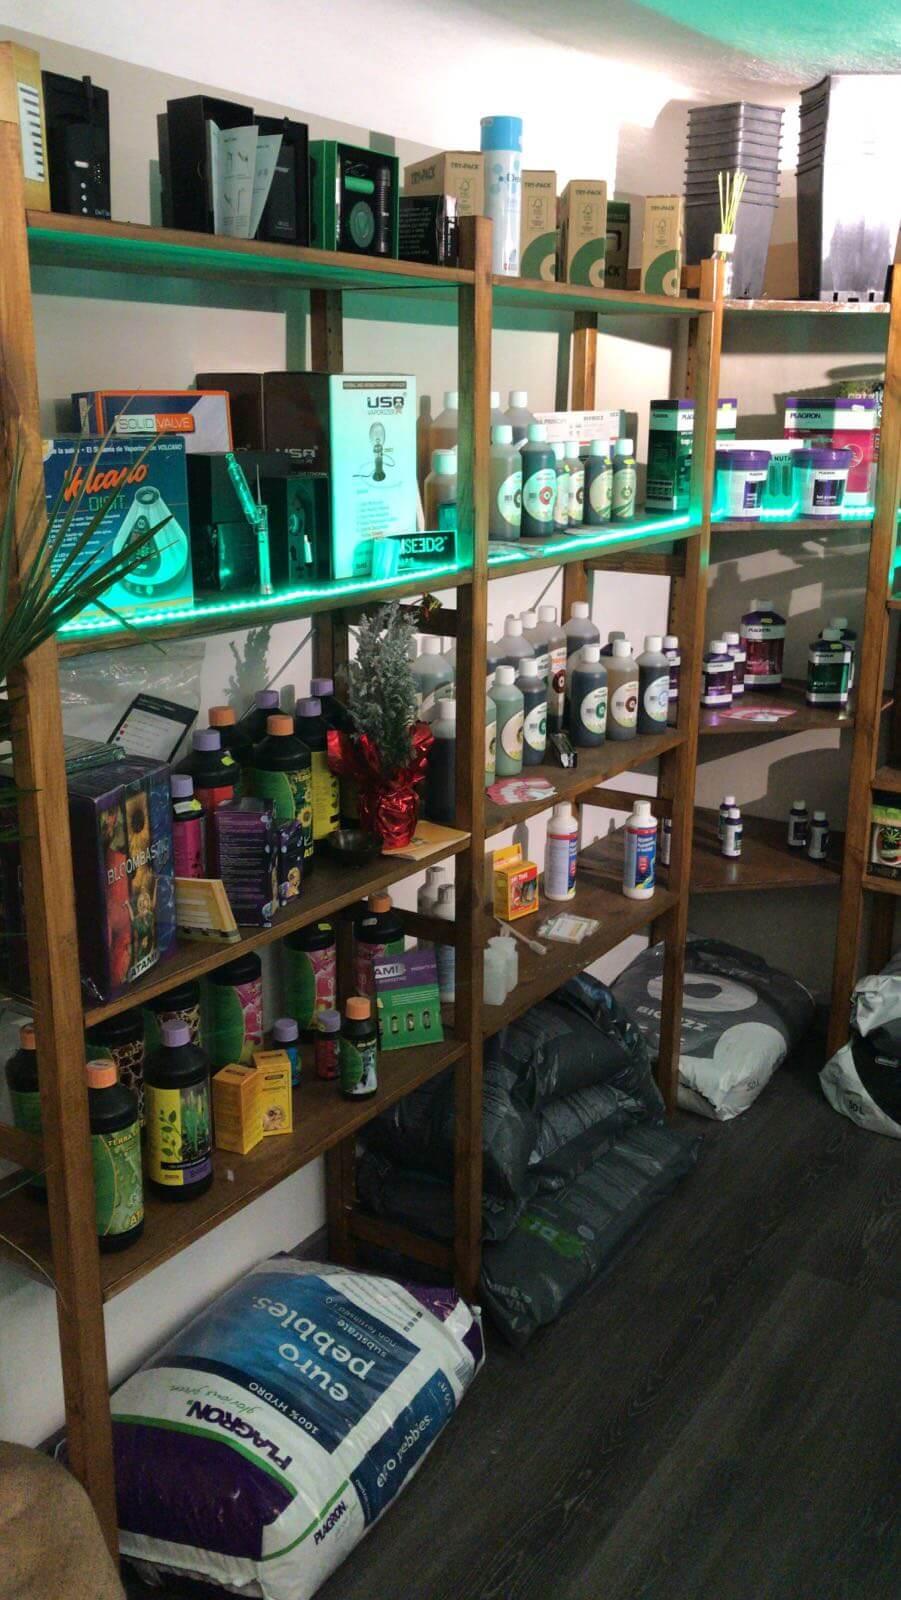 negozio-strumenti-coltivare-cannabis